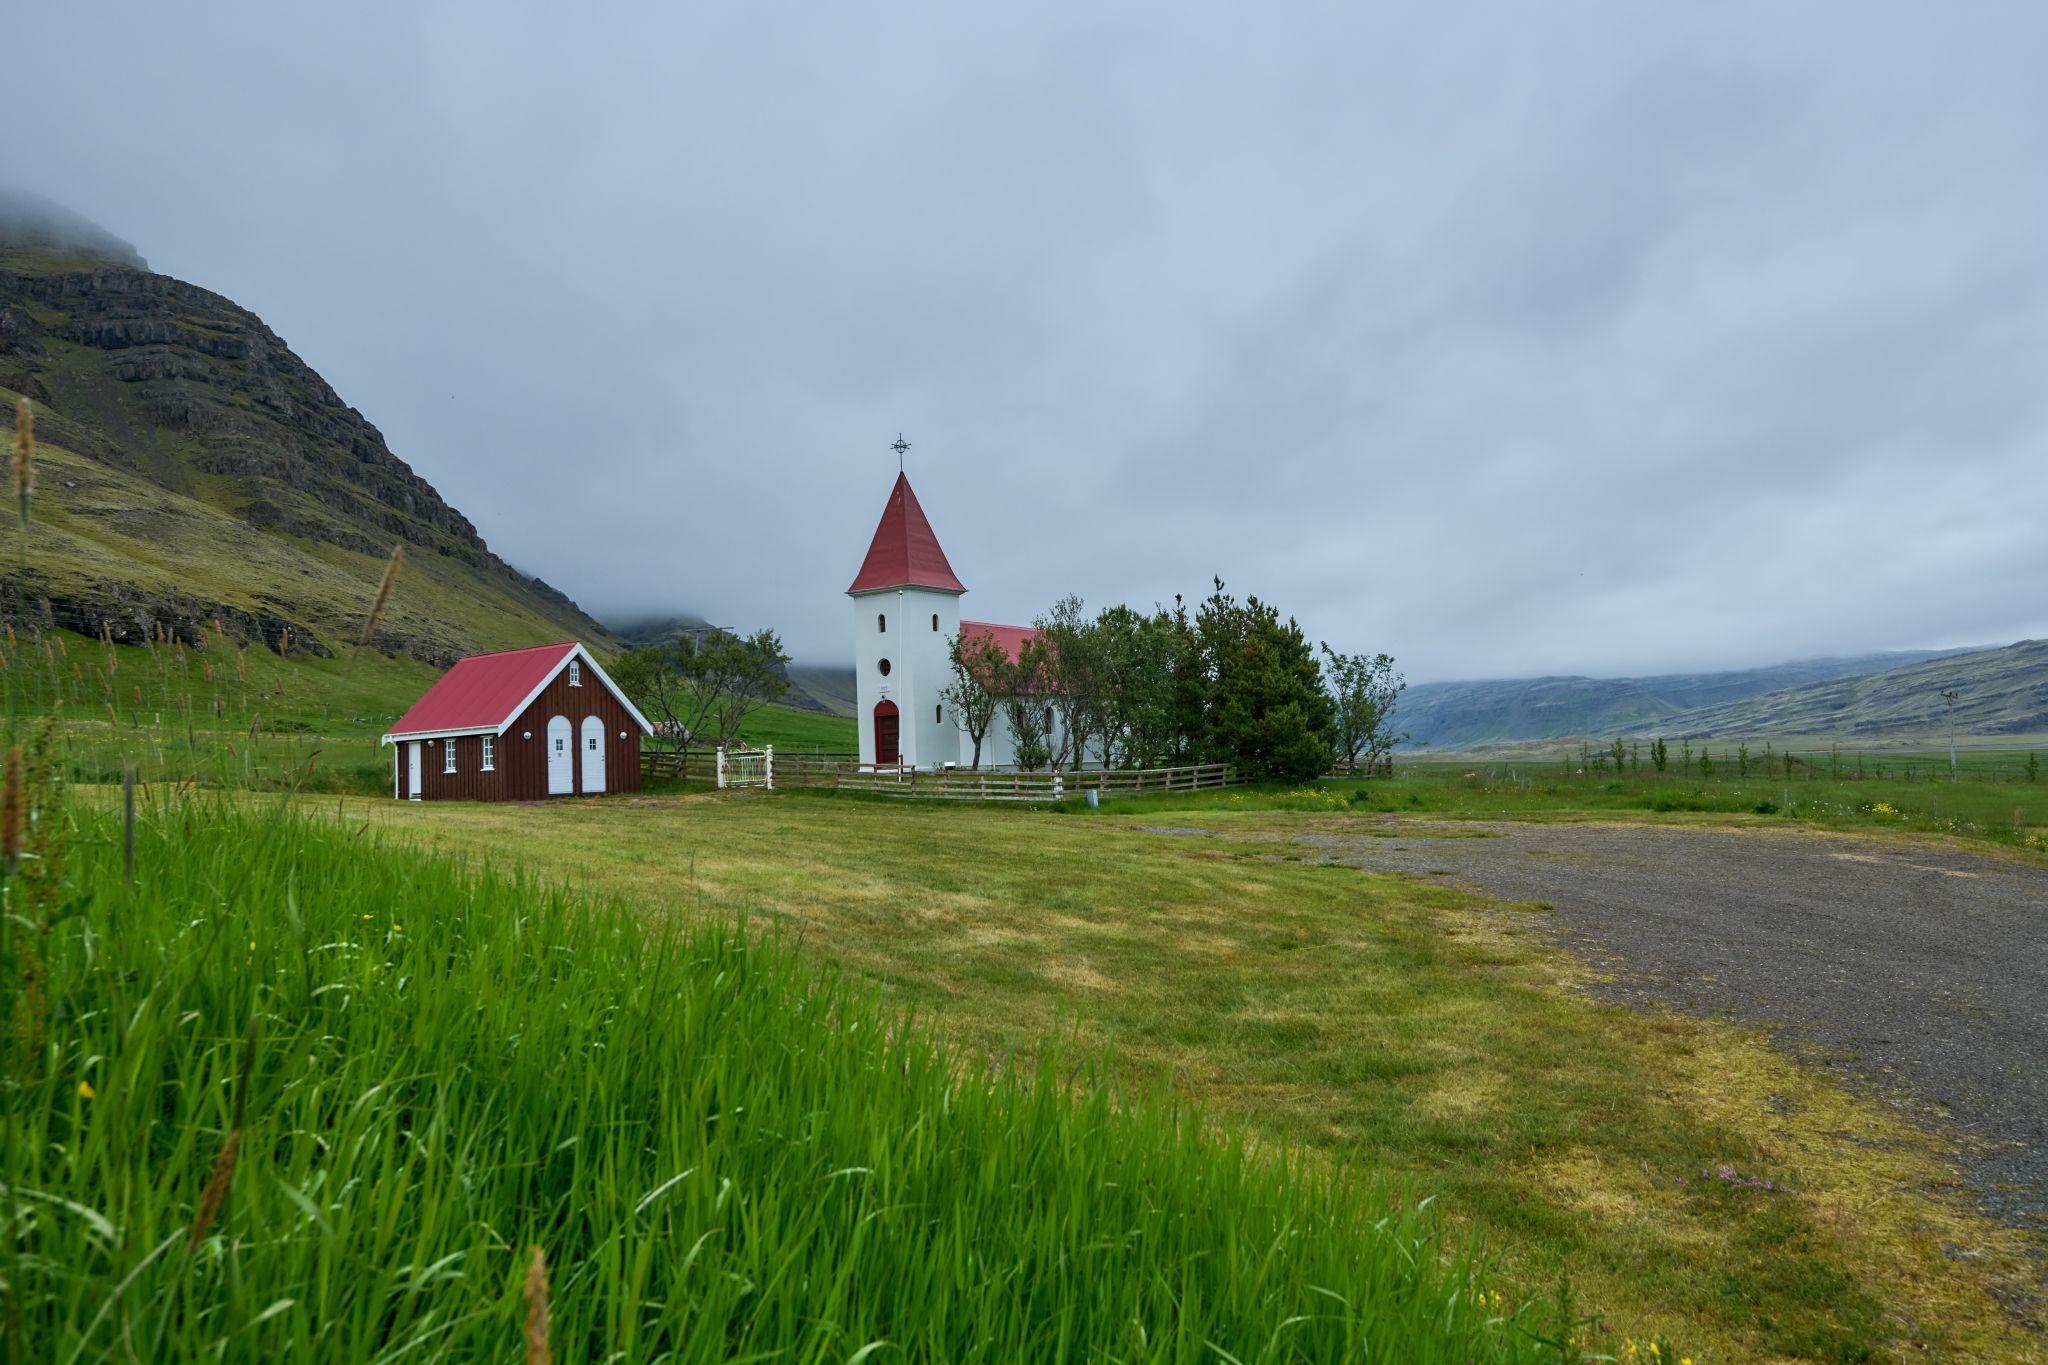 Kálfafellsstaður Guesthouse, Iceland